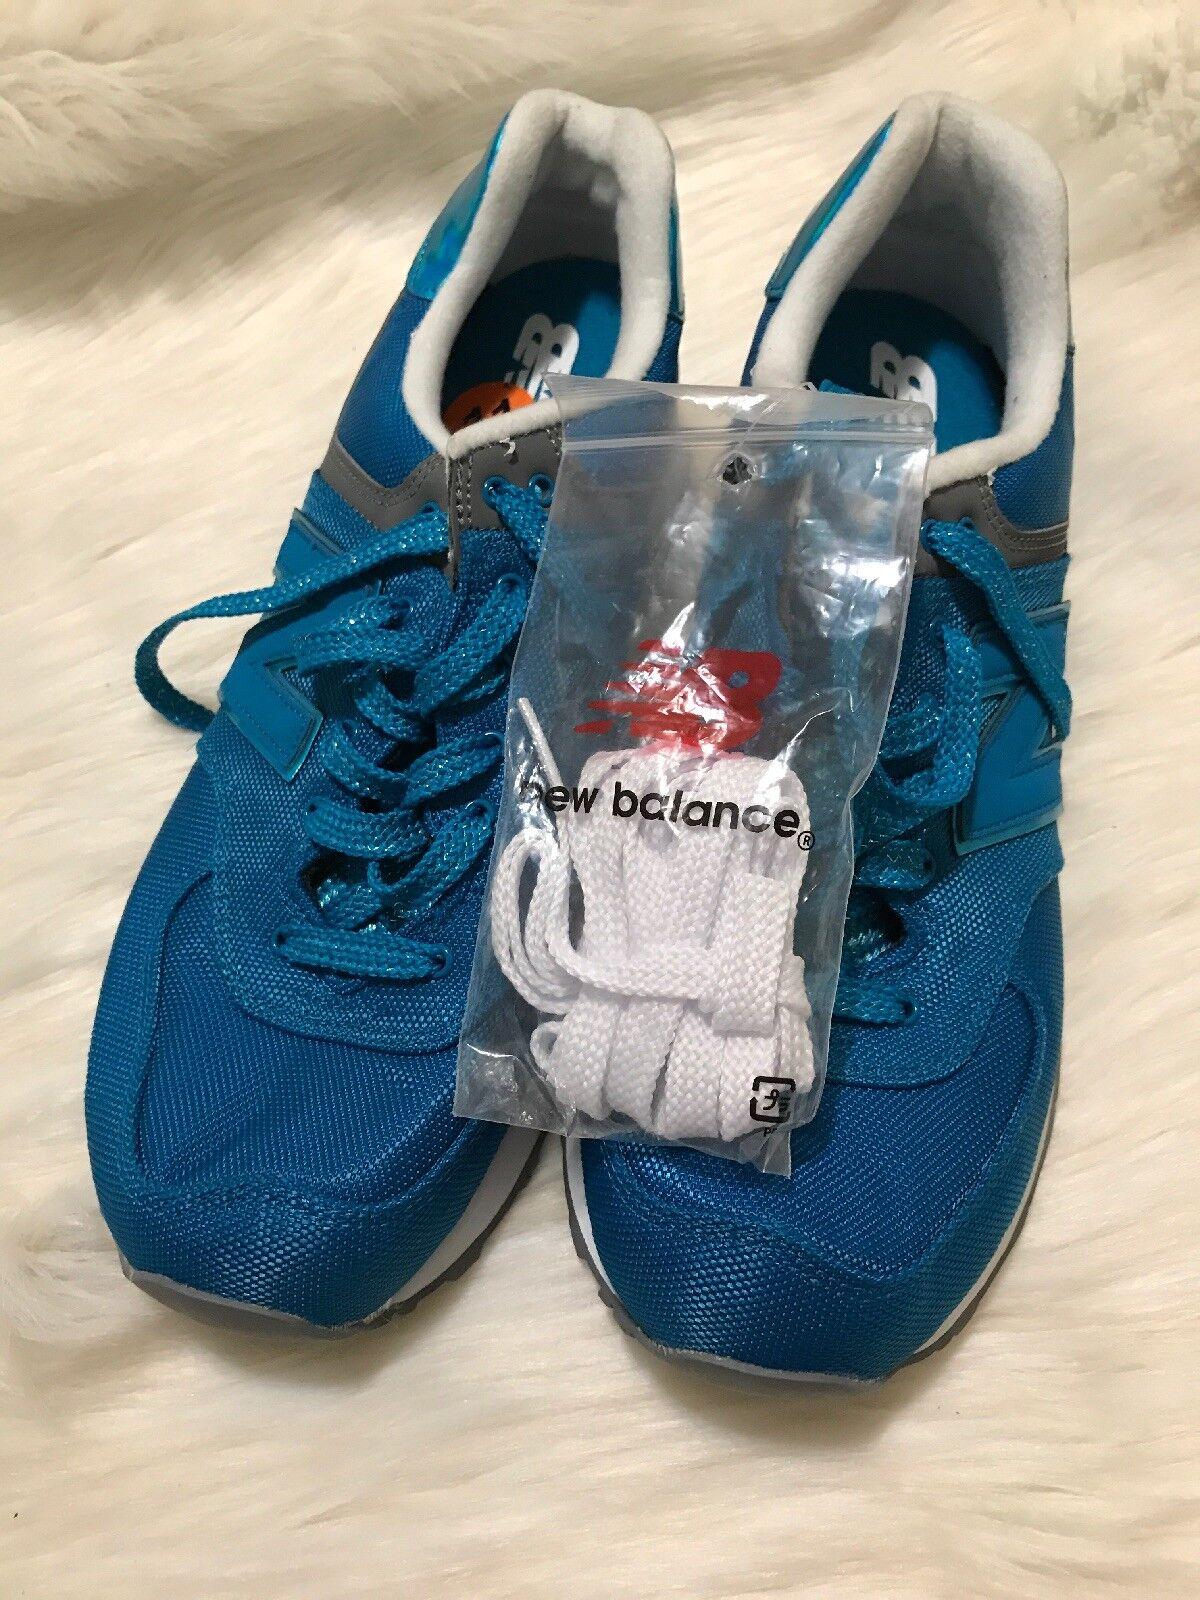 New balance 574-Zapatos Tenis Tenis Tenis De Mujer ENCAP Classics Azul Talla 11 Nuevo Sin Caja  ahorra hasta un 80%